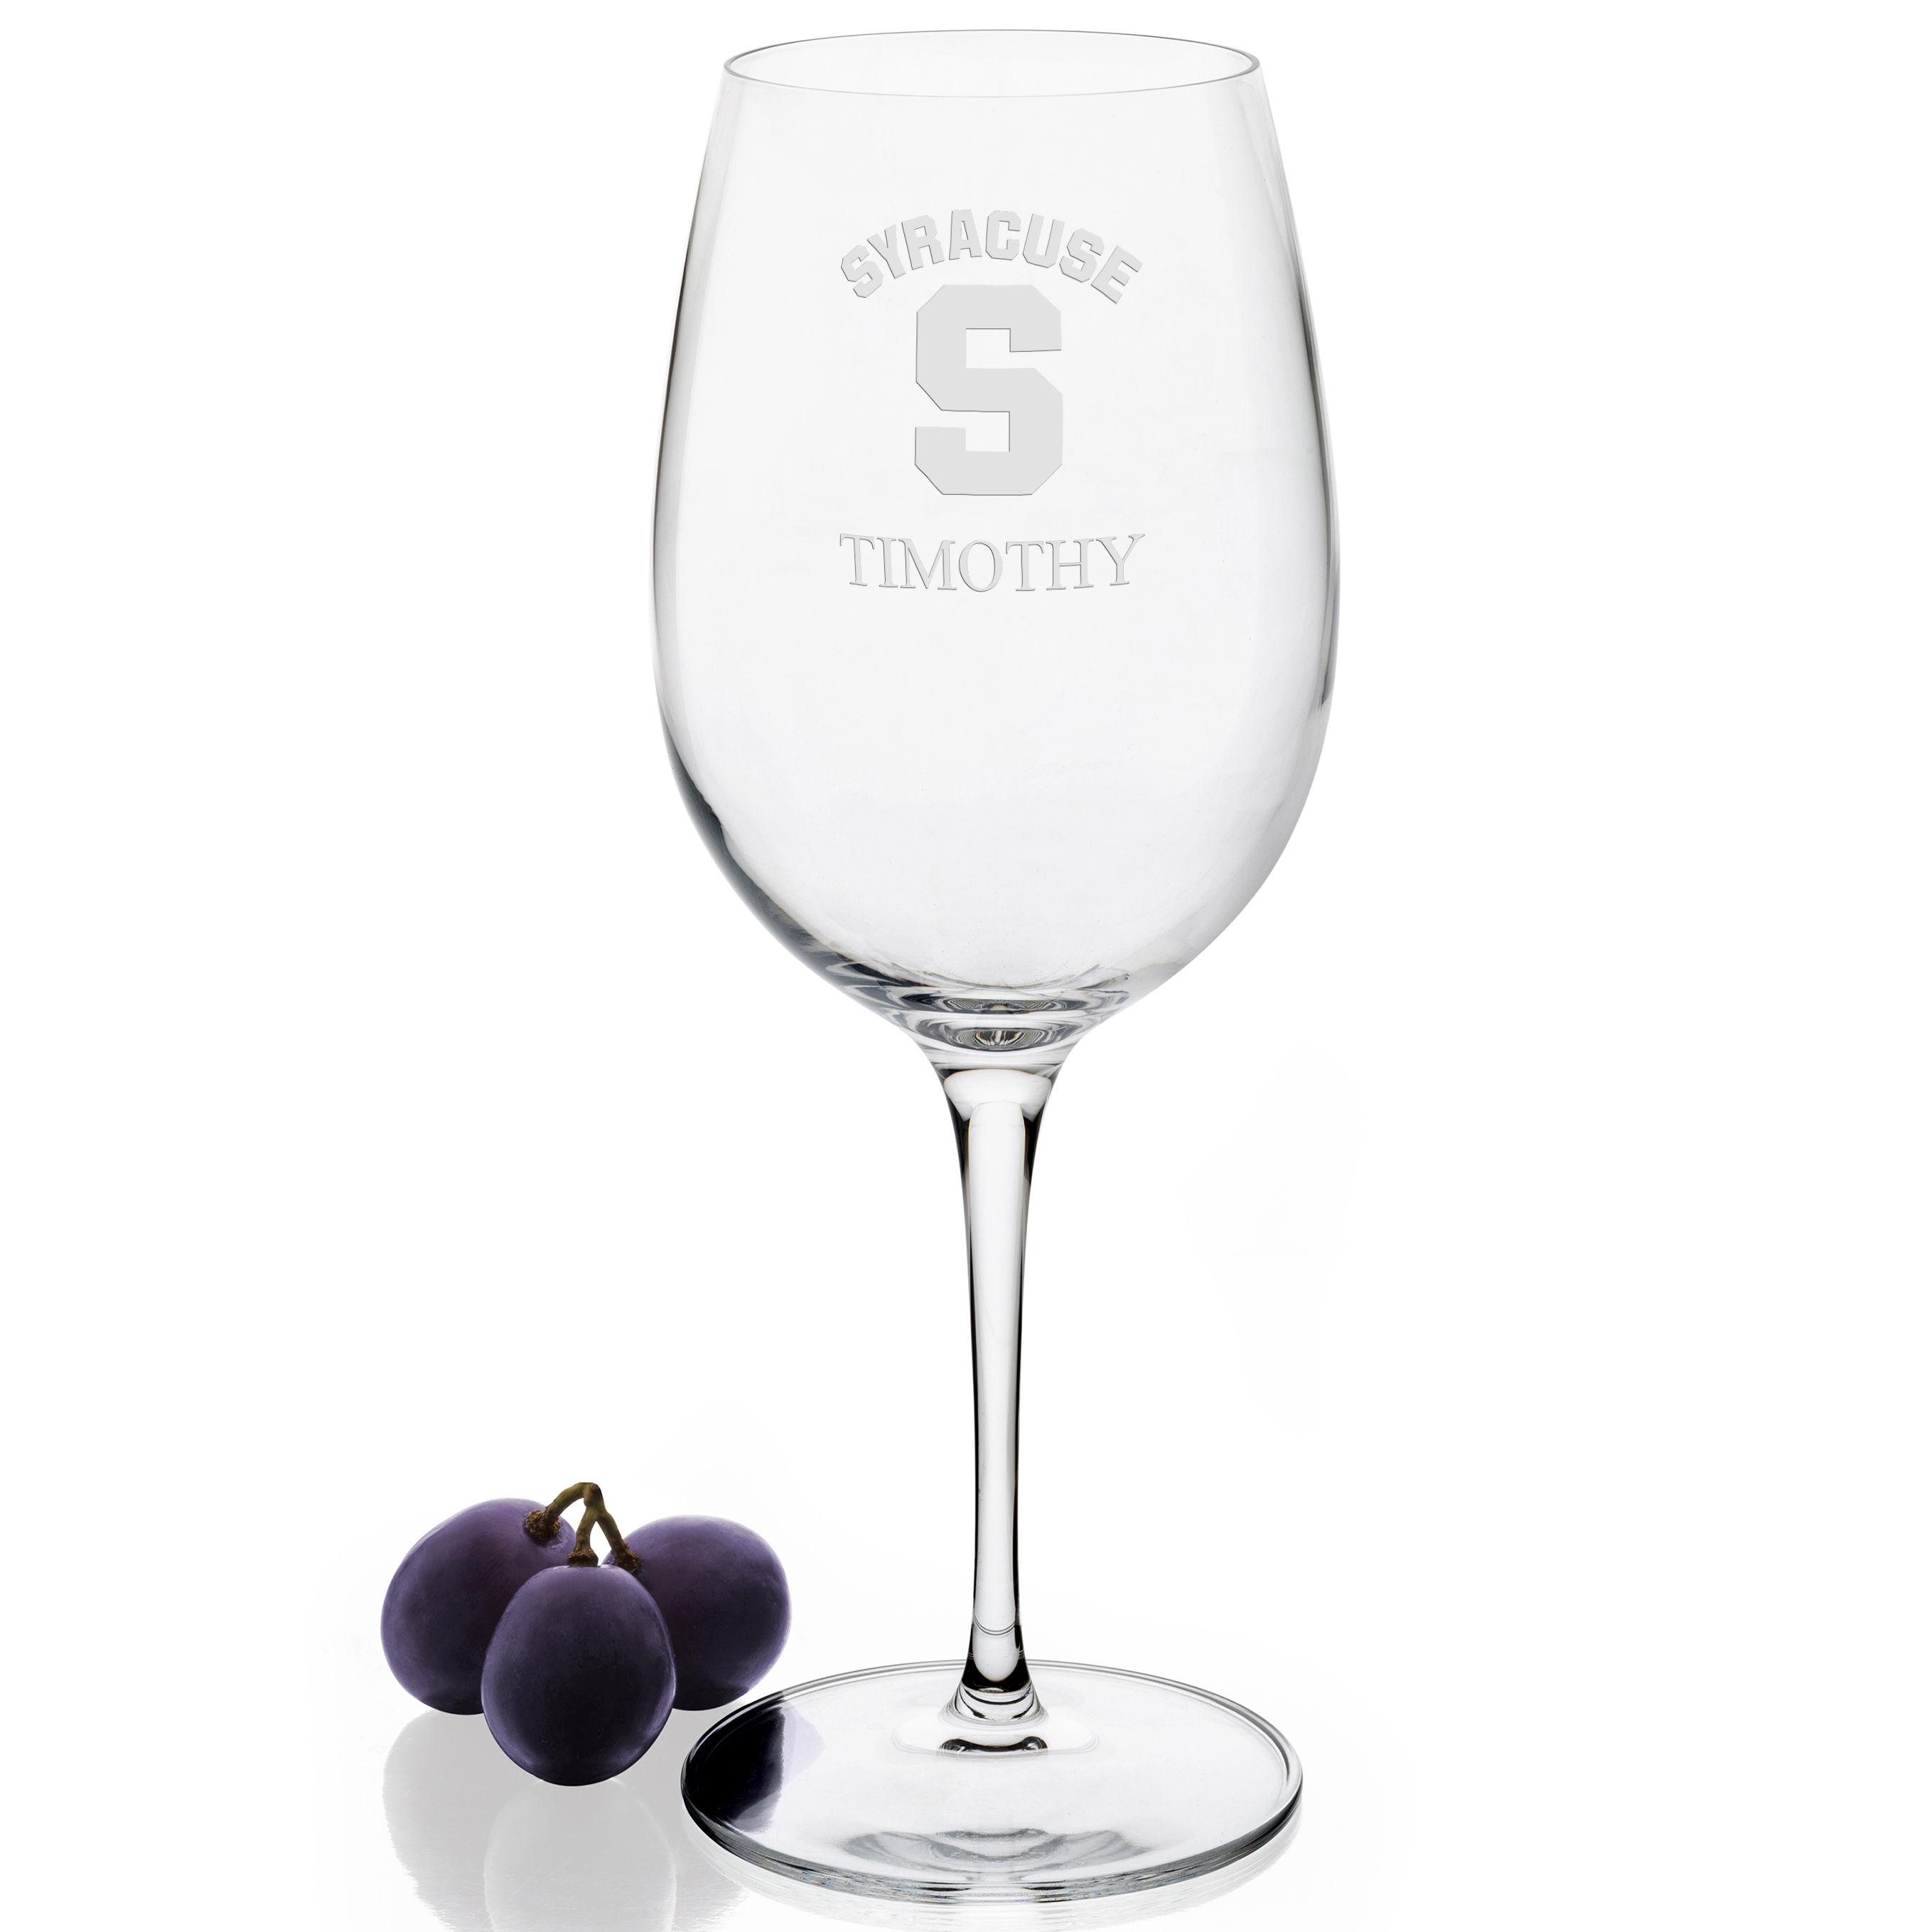 Syracuse University Red Wine Glasses - Set of 2 - Image 2